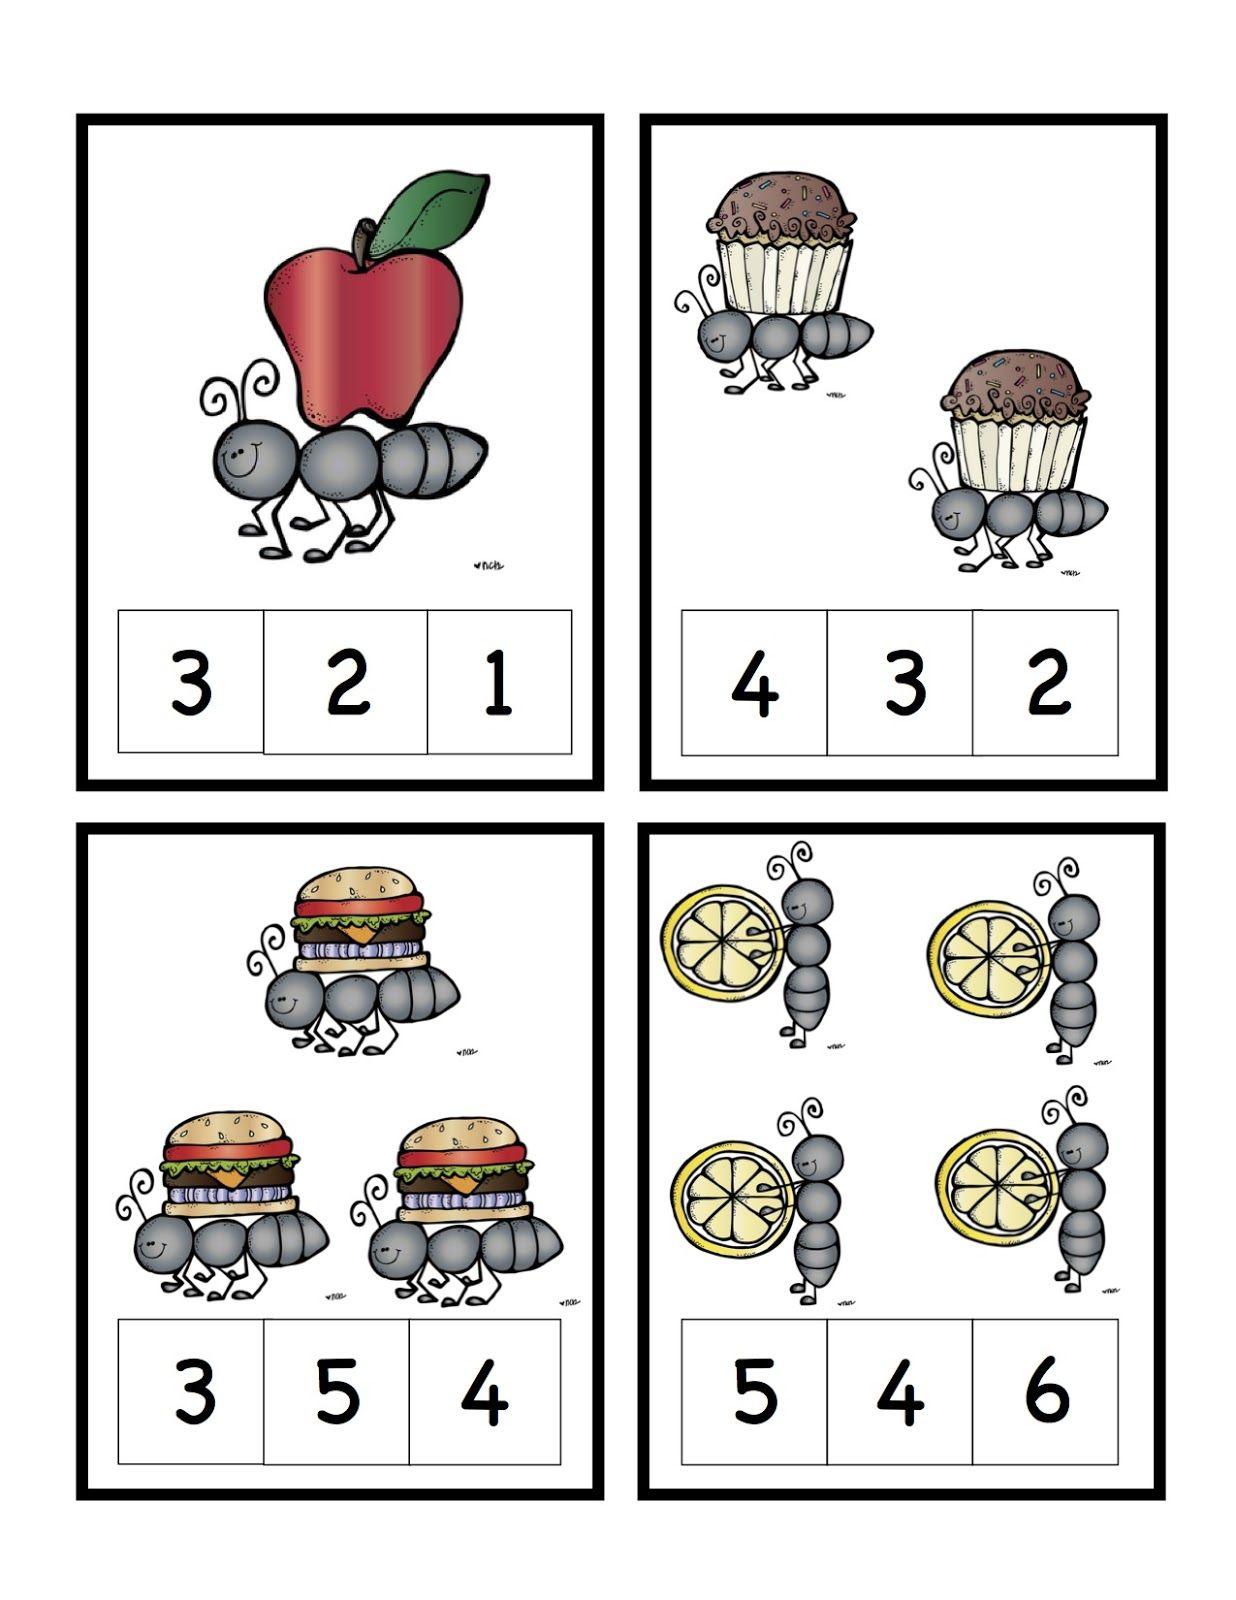 Insects Theme Preschool Preschool Ant Theme Preschool Activities [ 1600 x 1236 Pixel ]